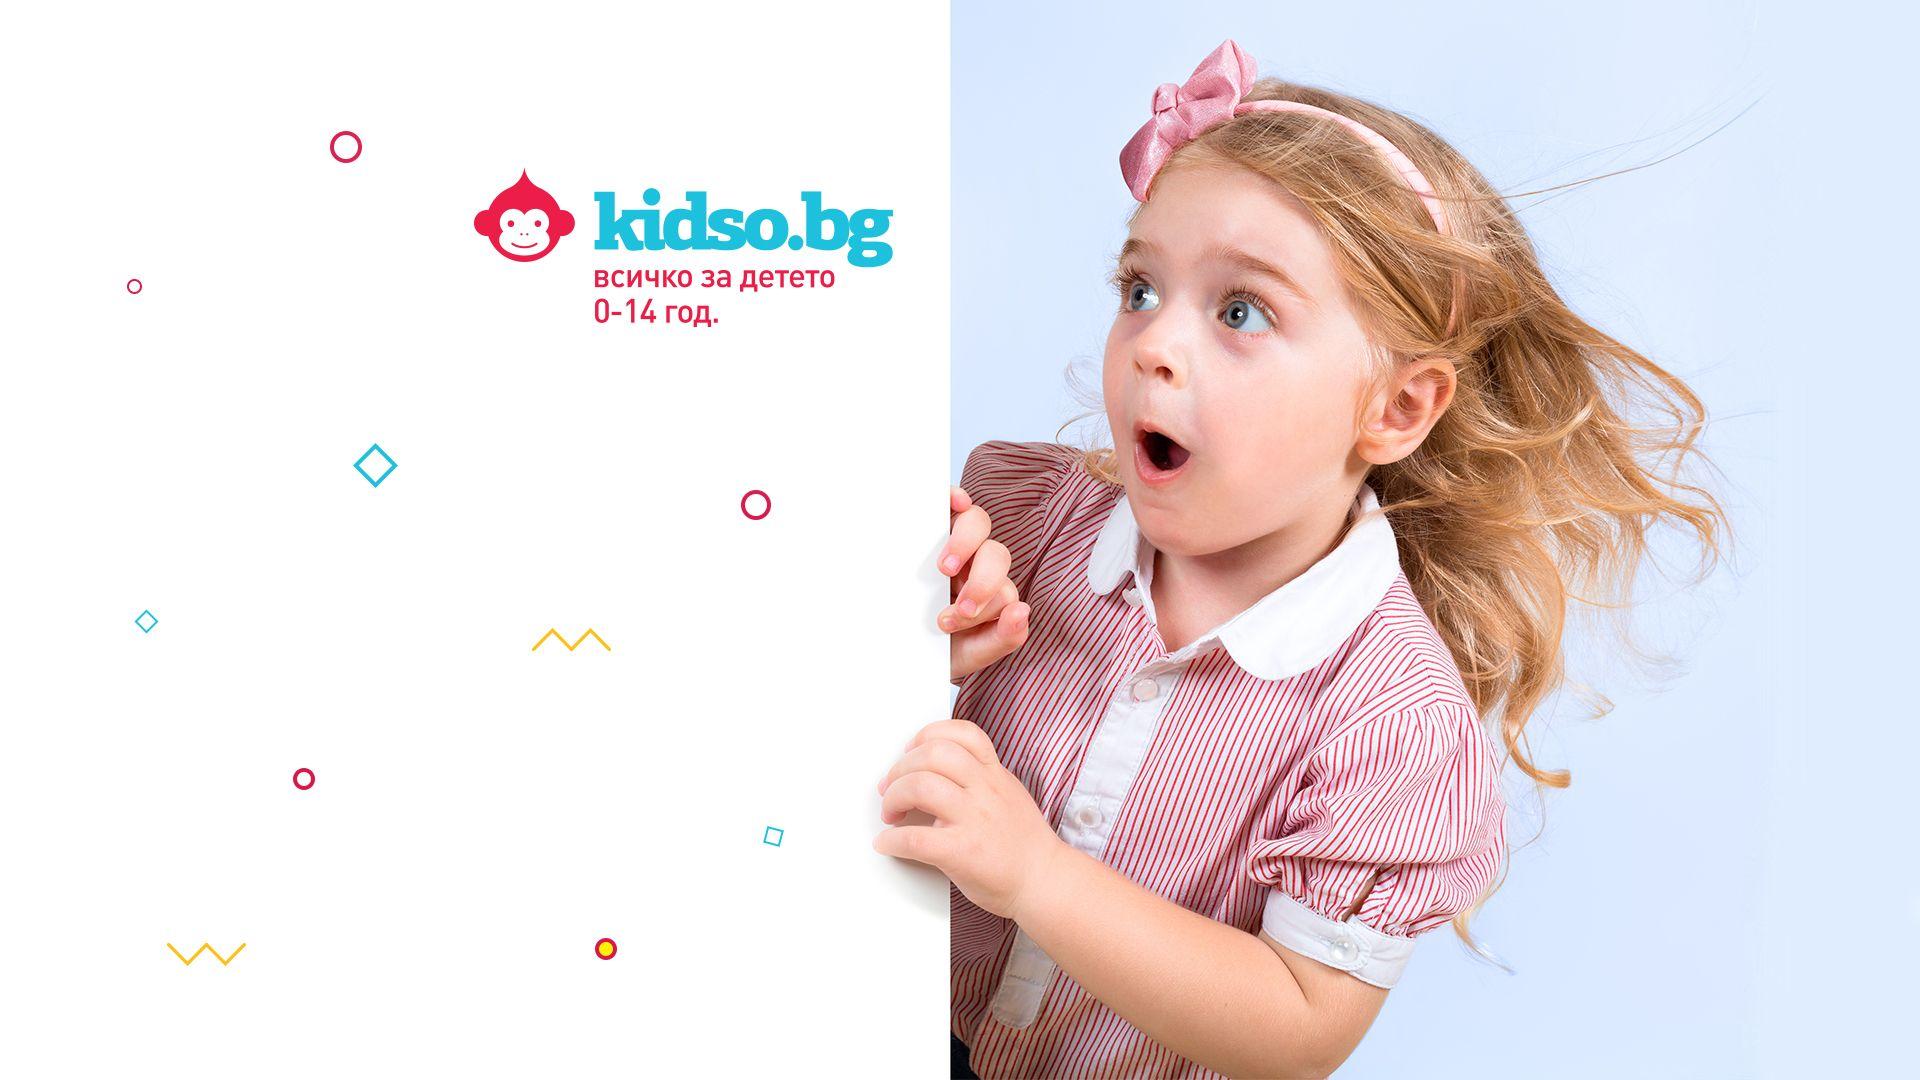 Kidso.bg: Много изкушения за 1 юни в най-новия детски онлайн магазин